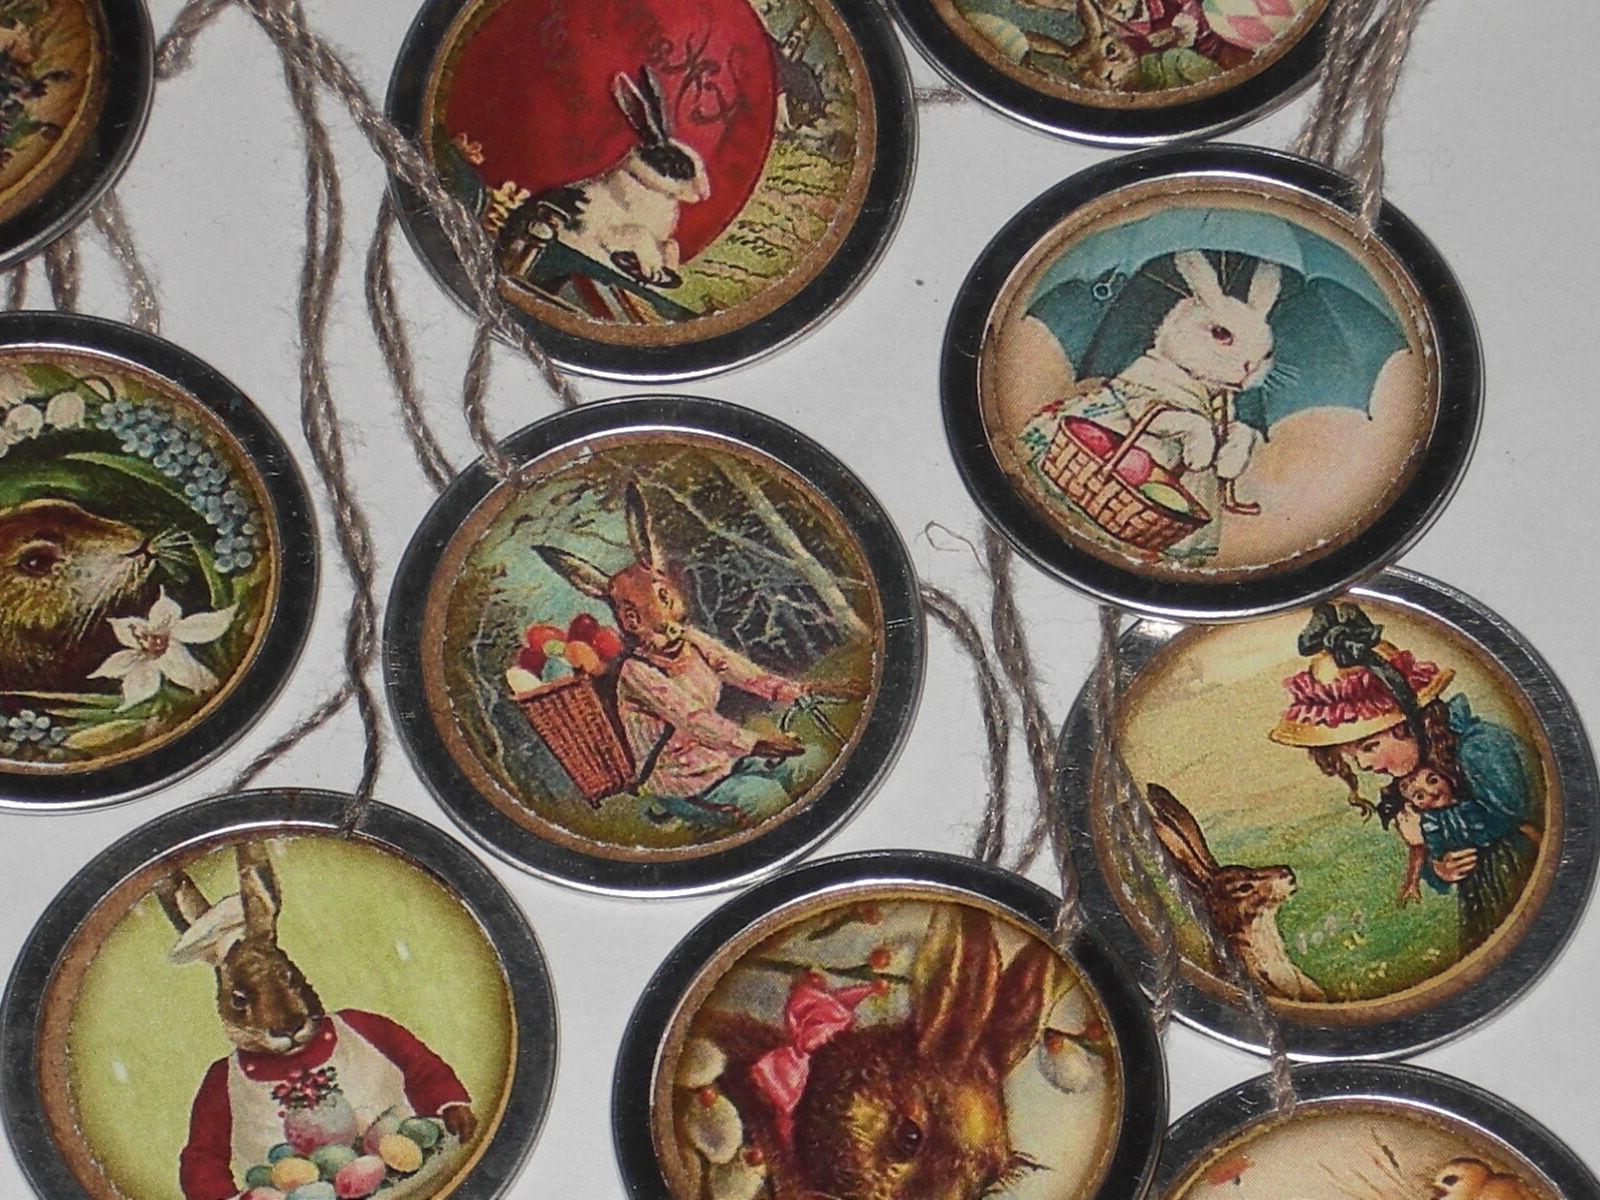 10 Easter Rim Hang Mini Ornaments